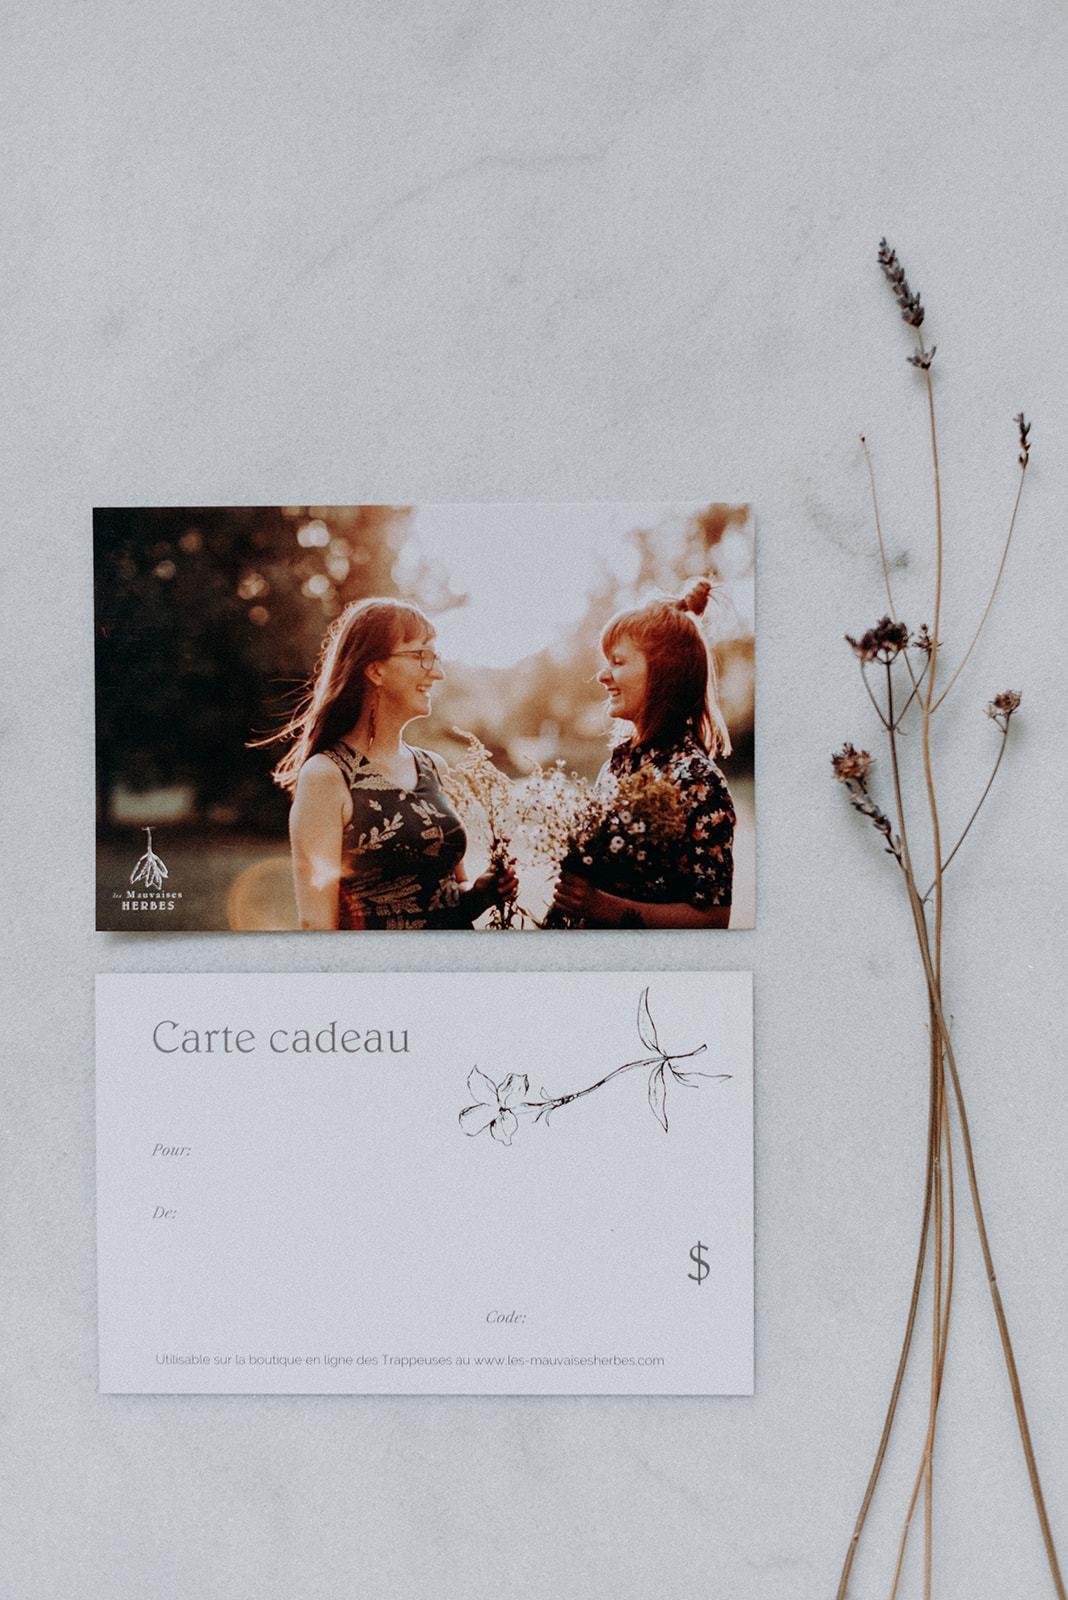 Cliquez ici pour acheter Carte-cadeau – Les Mauvaises Herbes